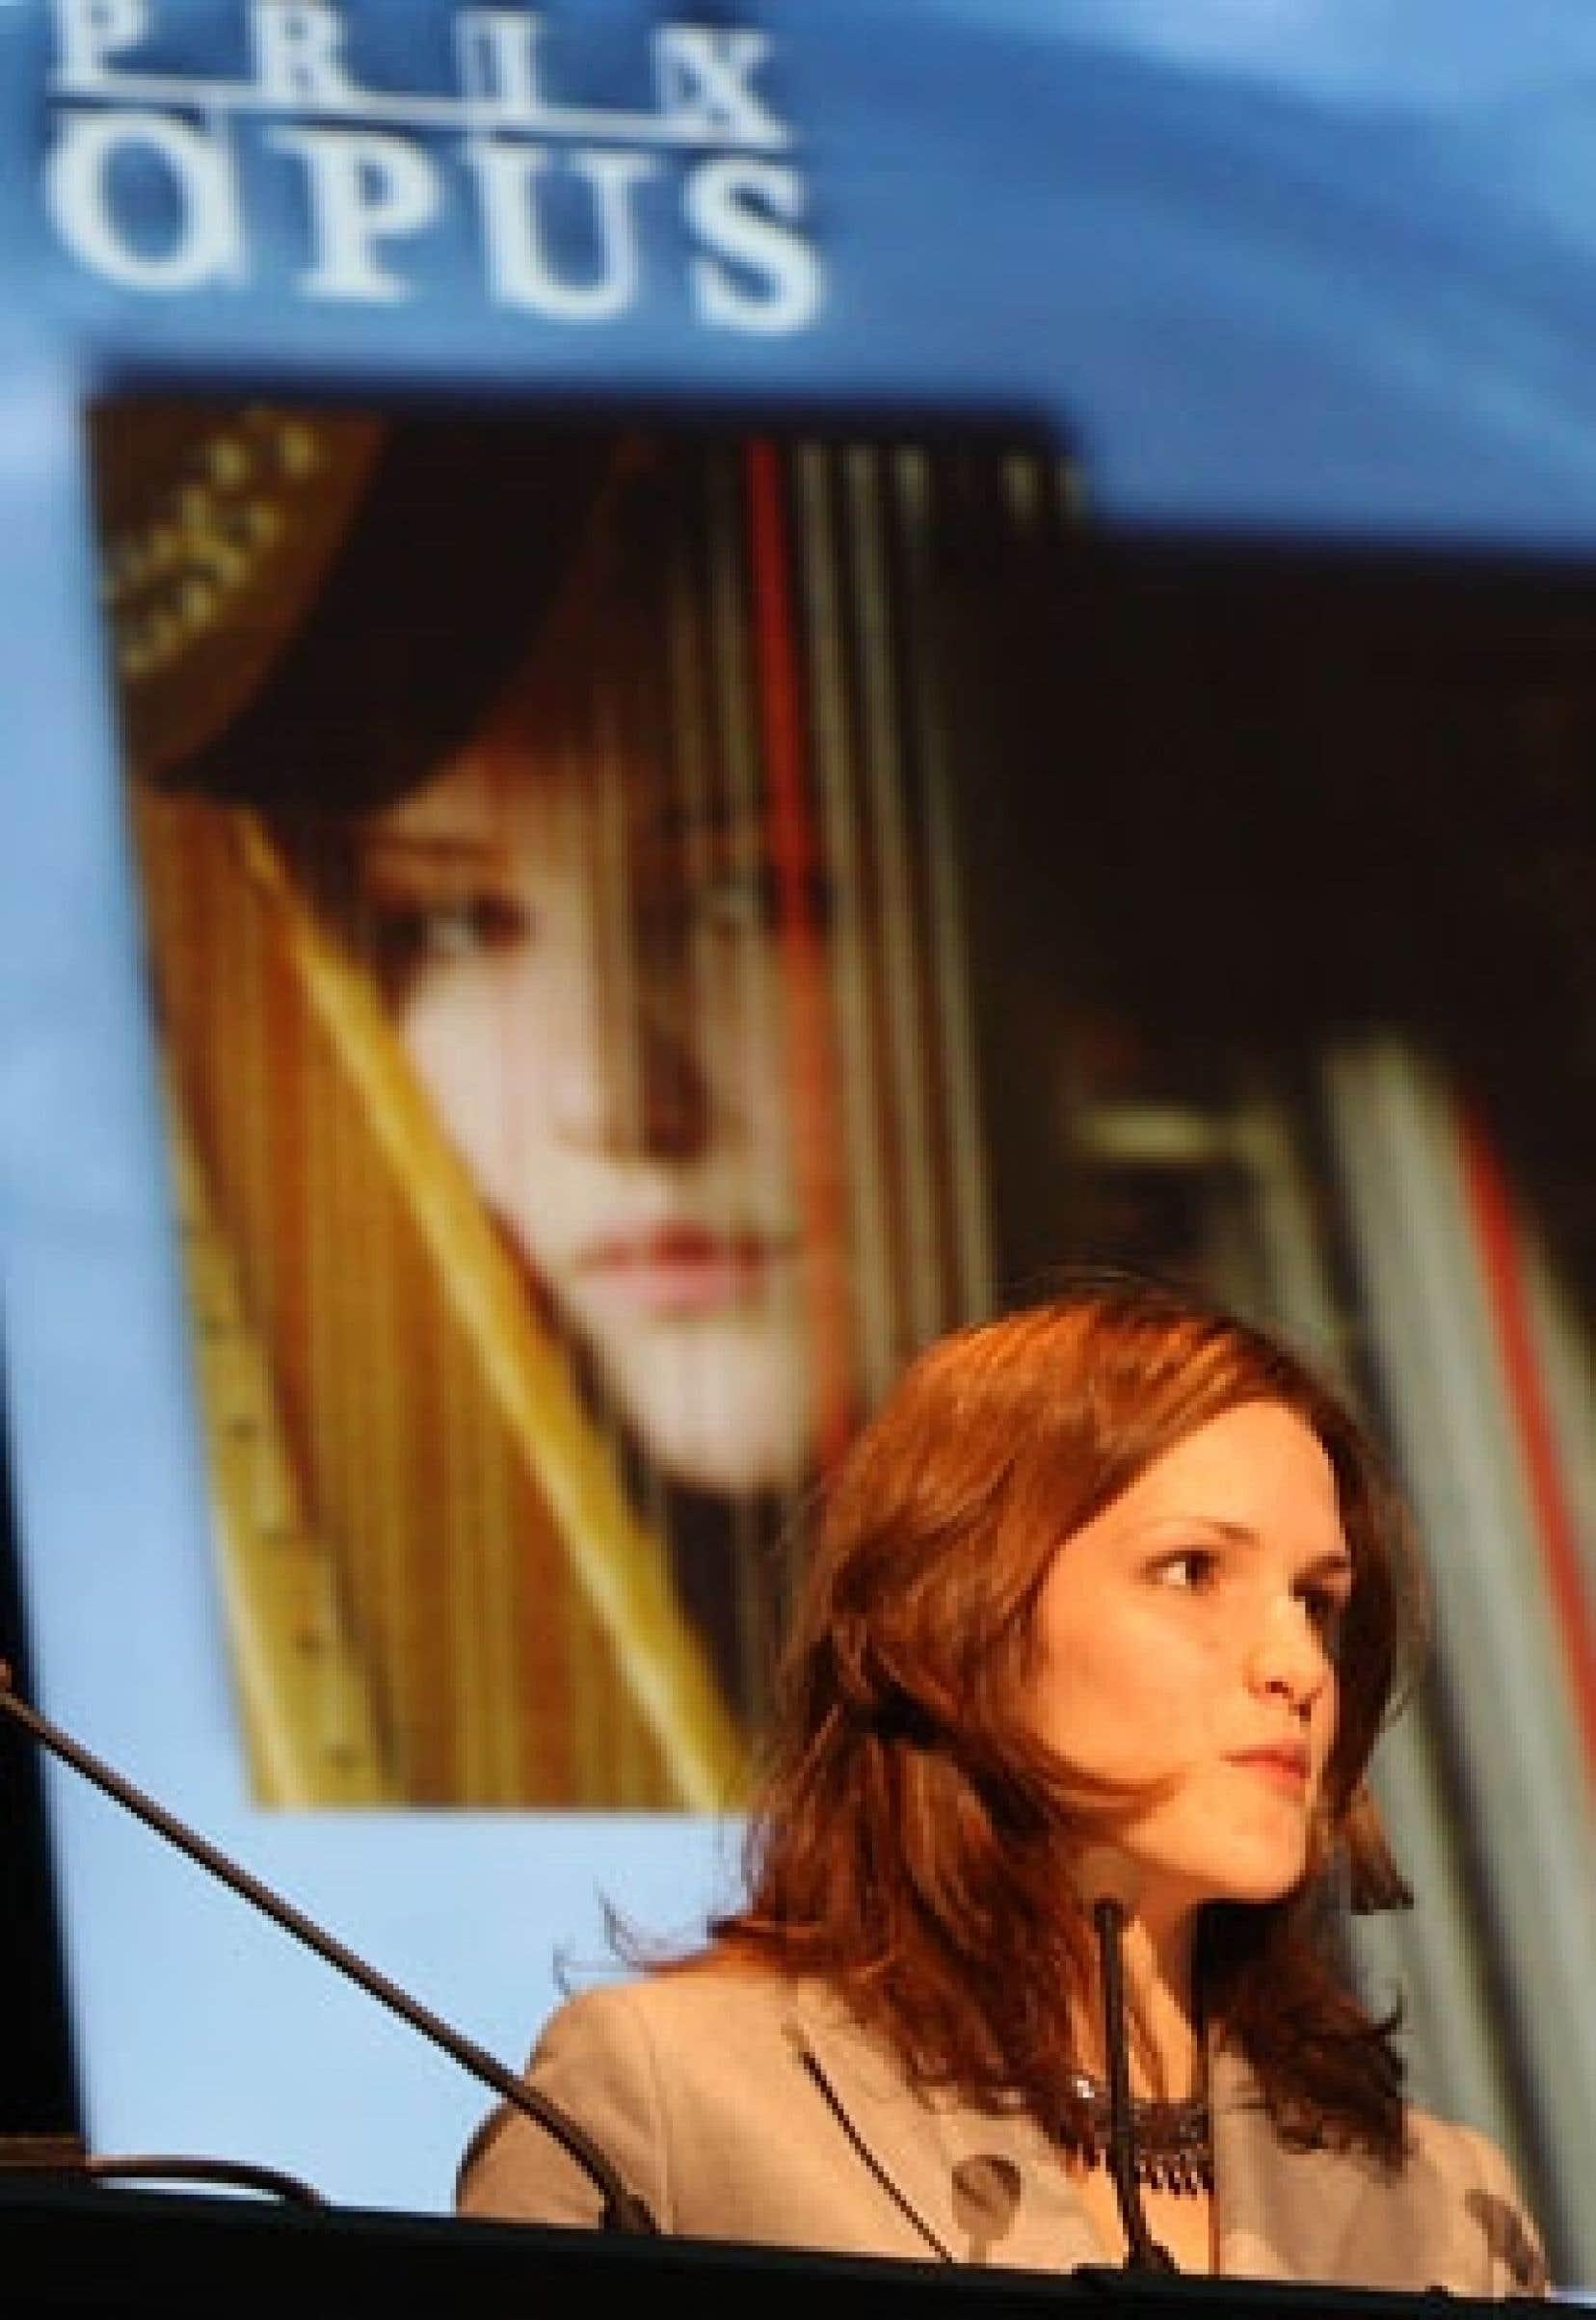 La harpiste Valérie Millot s'est distinguée en recevant le prix de la découverte de l'année.